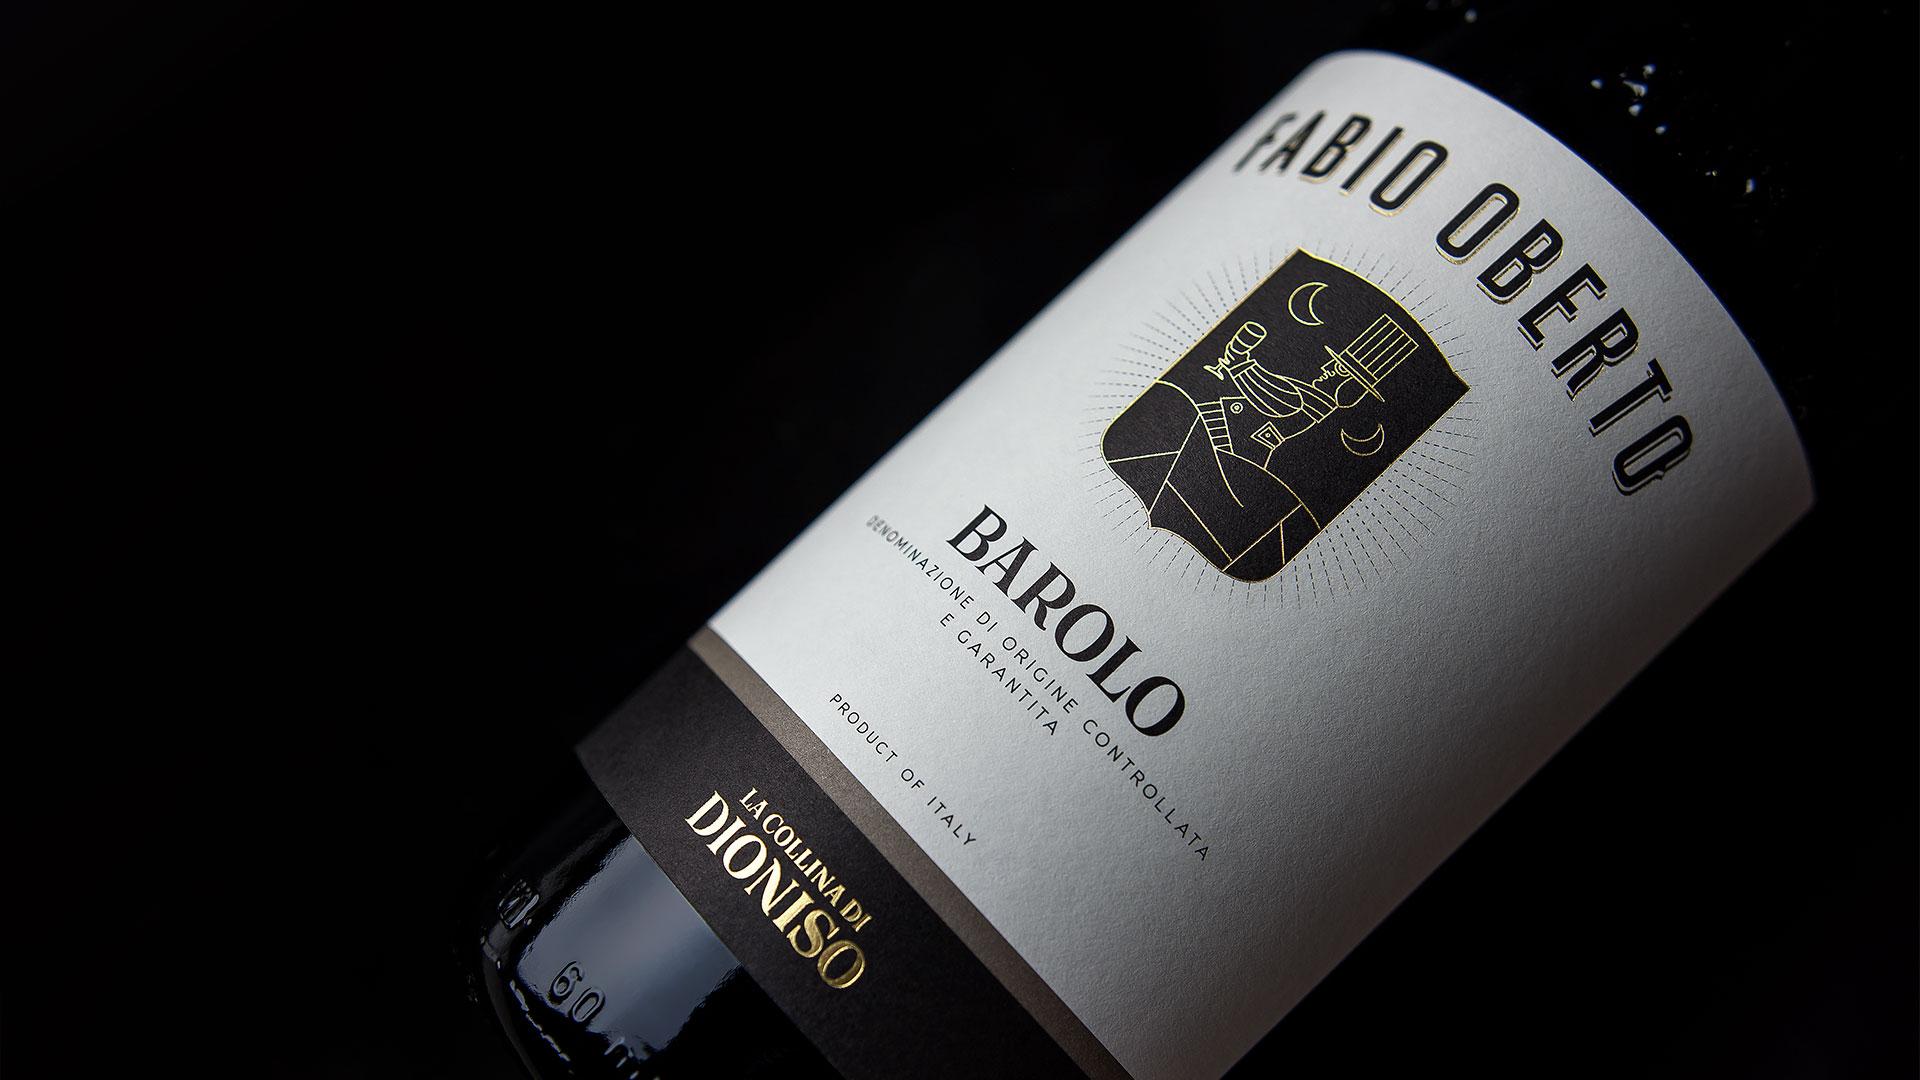 FabioOberto LaCollinaDiDioniso Barolo 1920 - Etichetta Vino & Branding La Collina di Dioniso